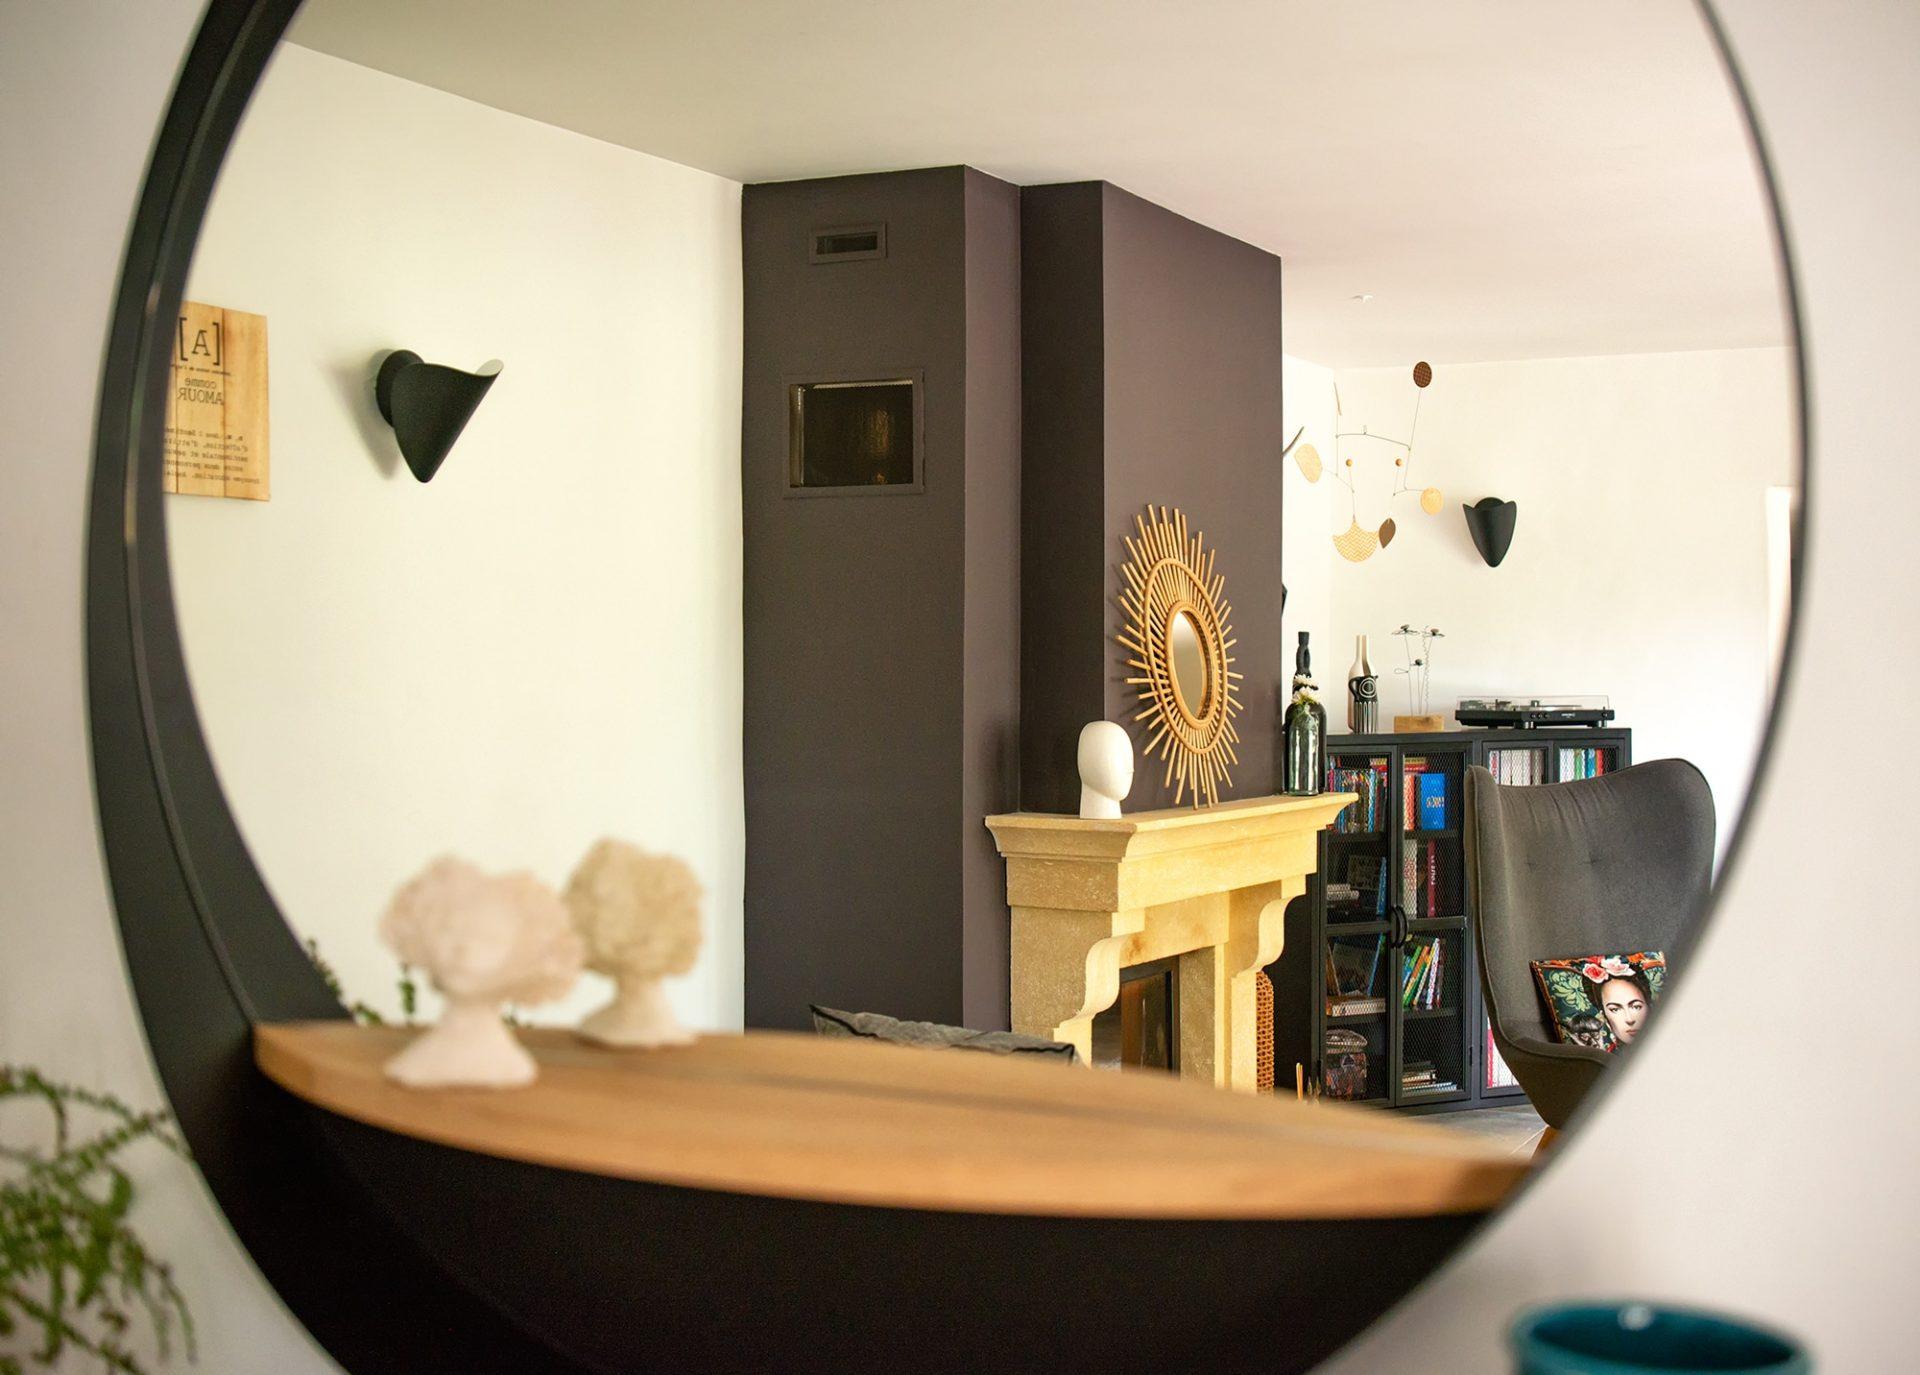 Rénovation d'un mas, proximité Avignon, par Kty.L Décoratrice d'intérieur : reflet de la cheminée du salon dans un miroir